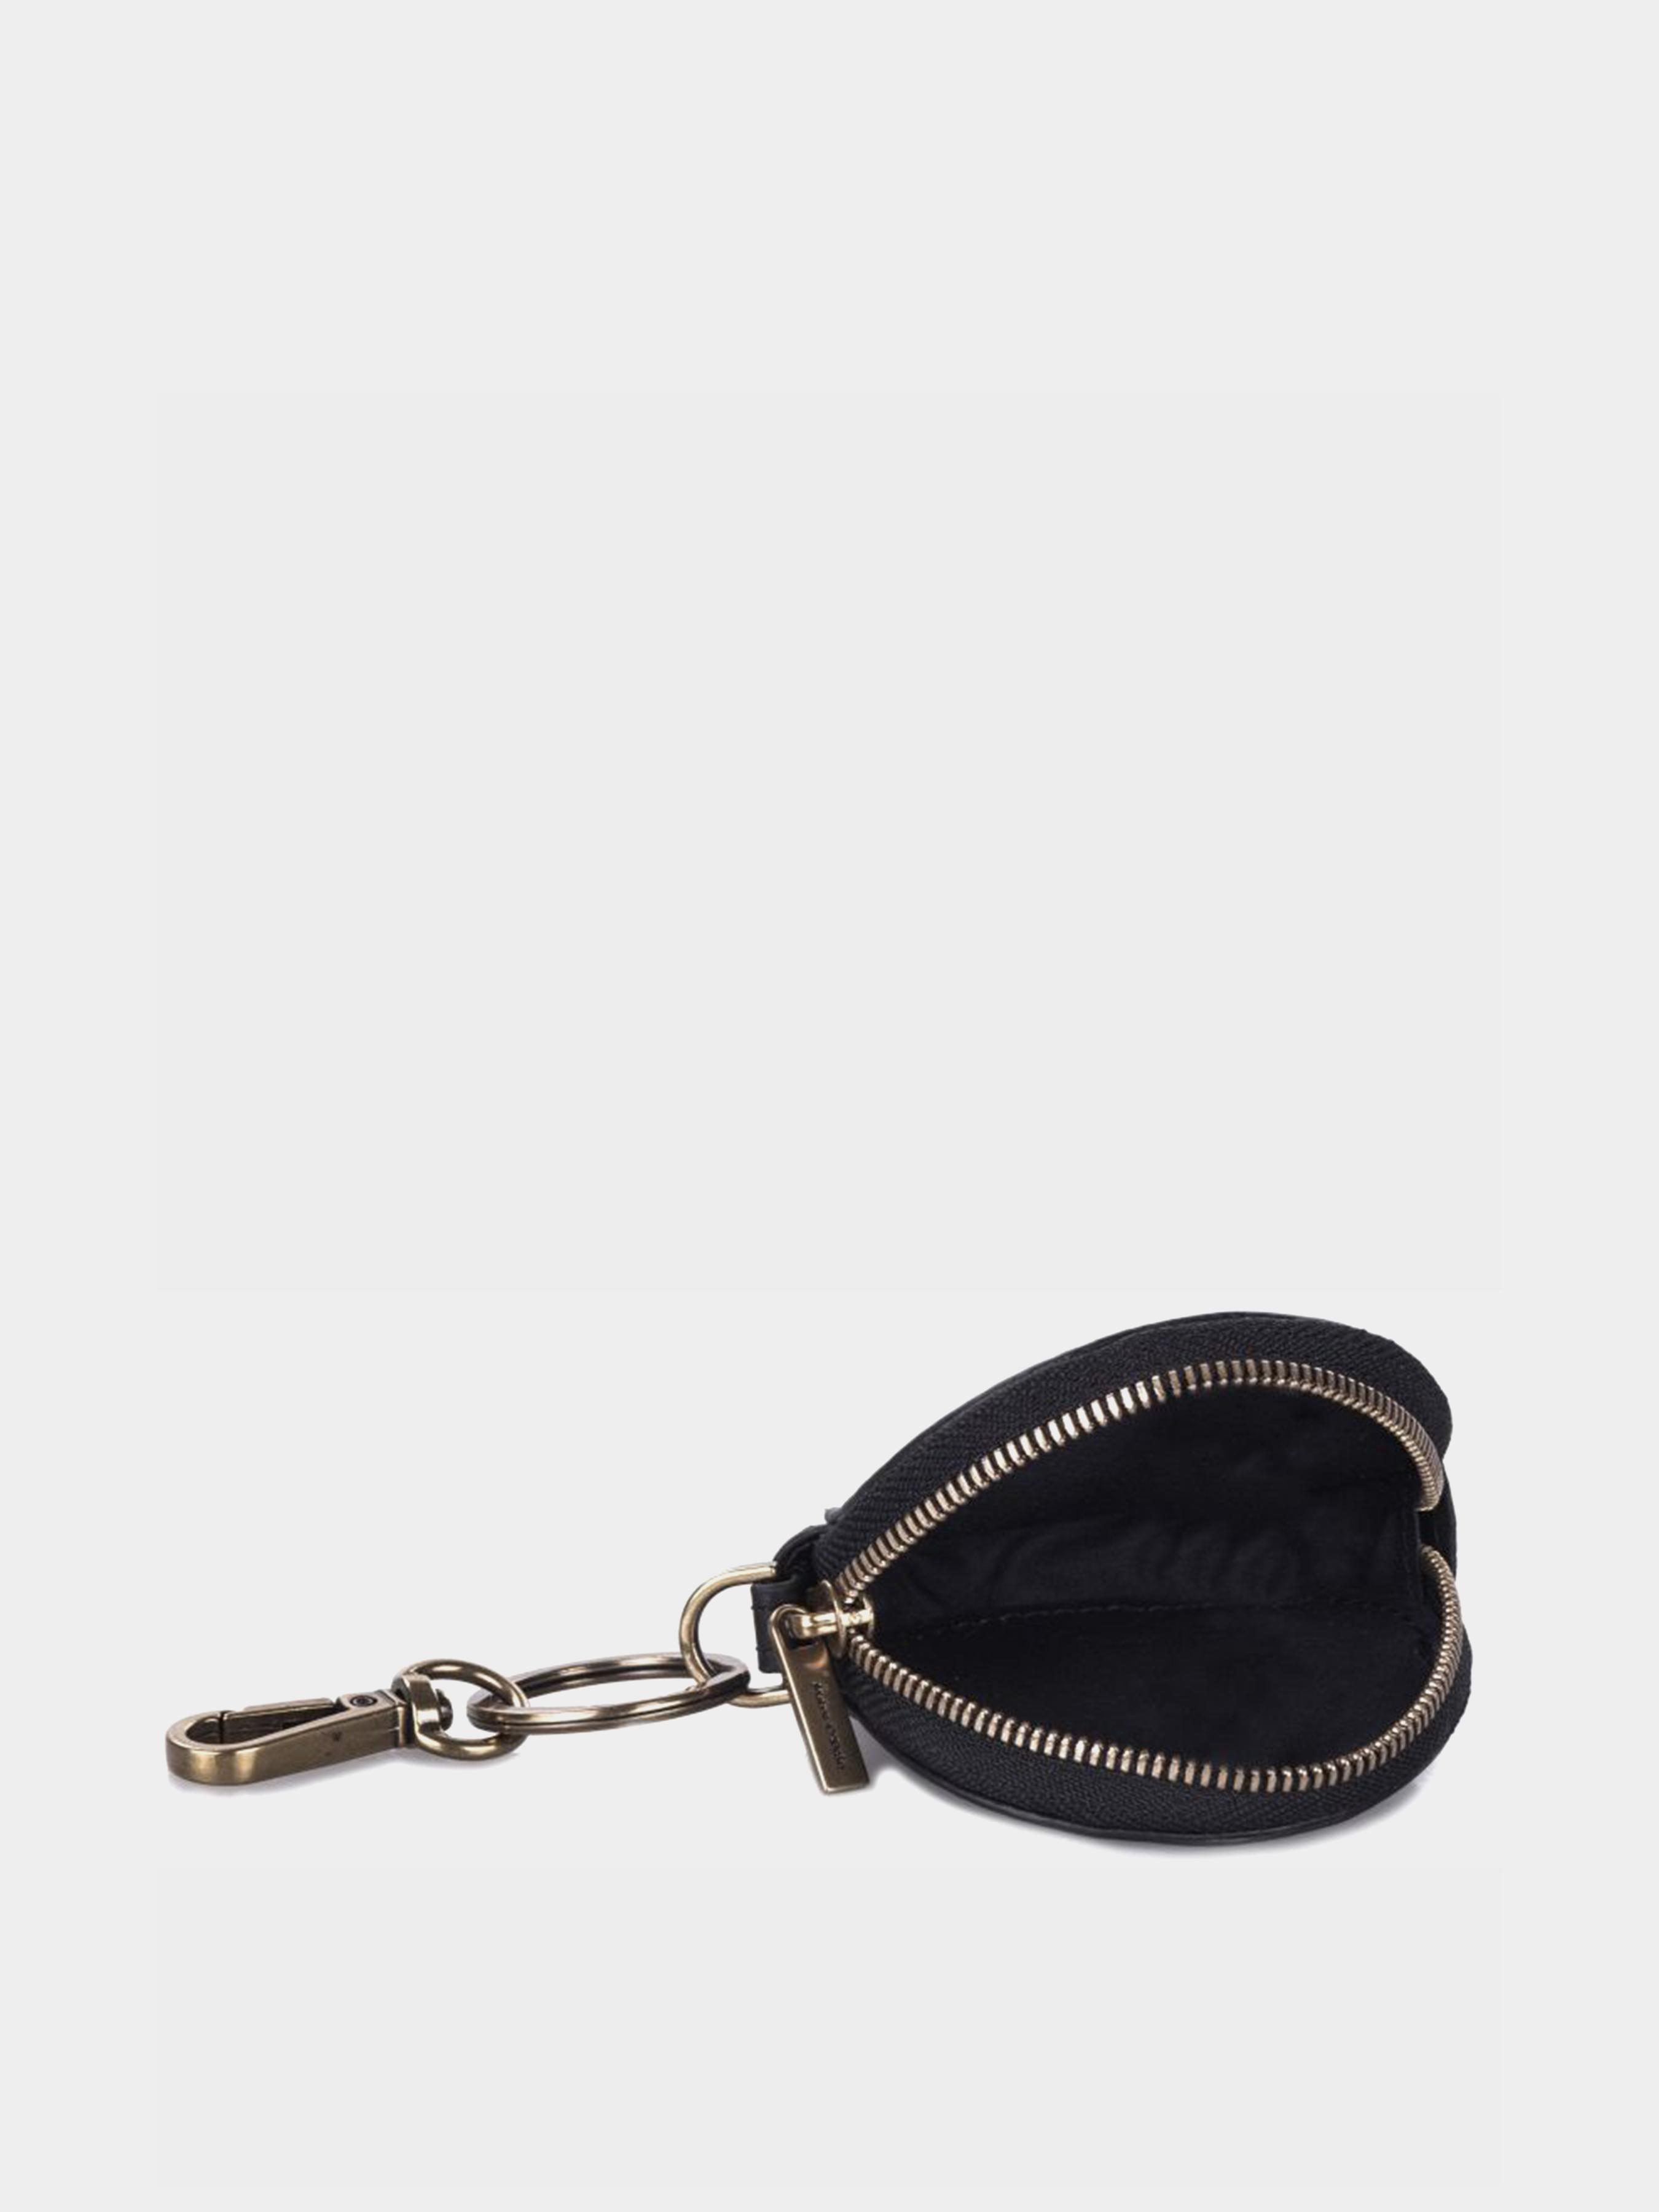 Ключницы и брелоки  MARC O'POLO модель 81017676401100-990 цена, 2017